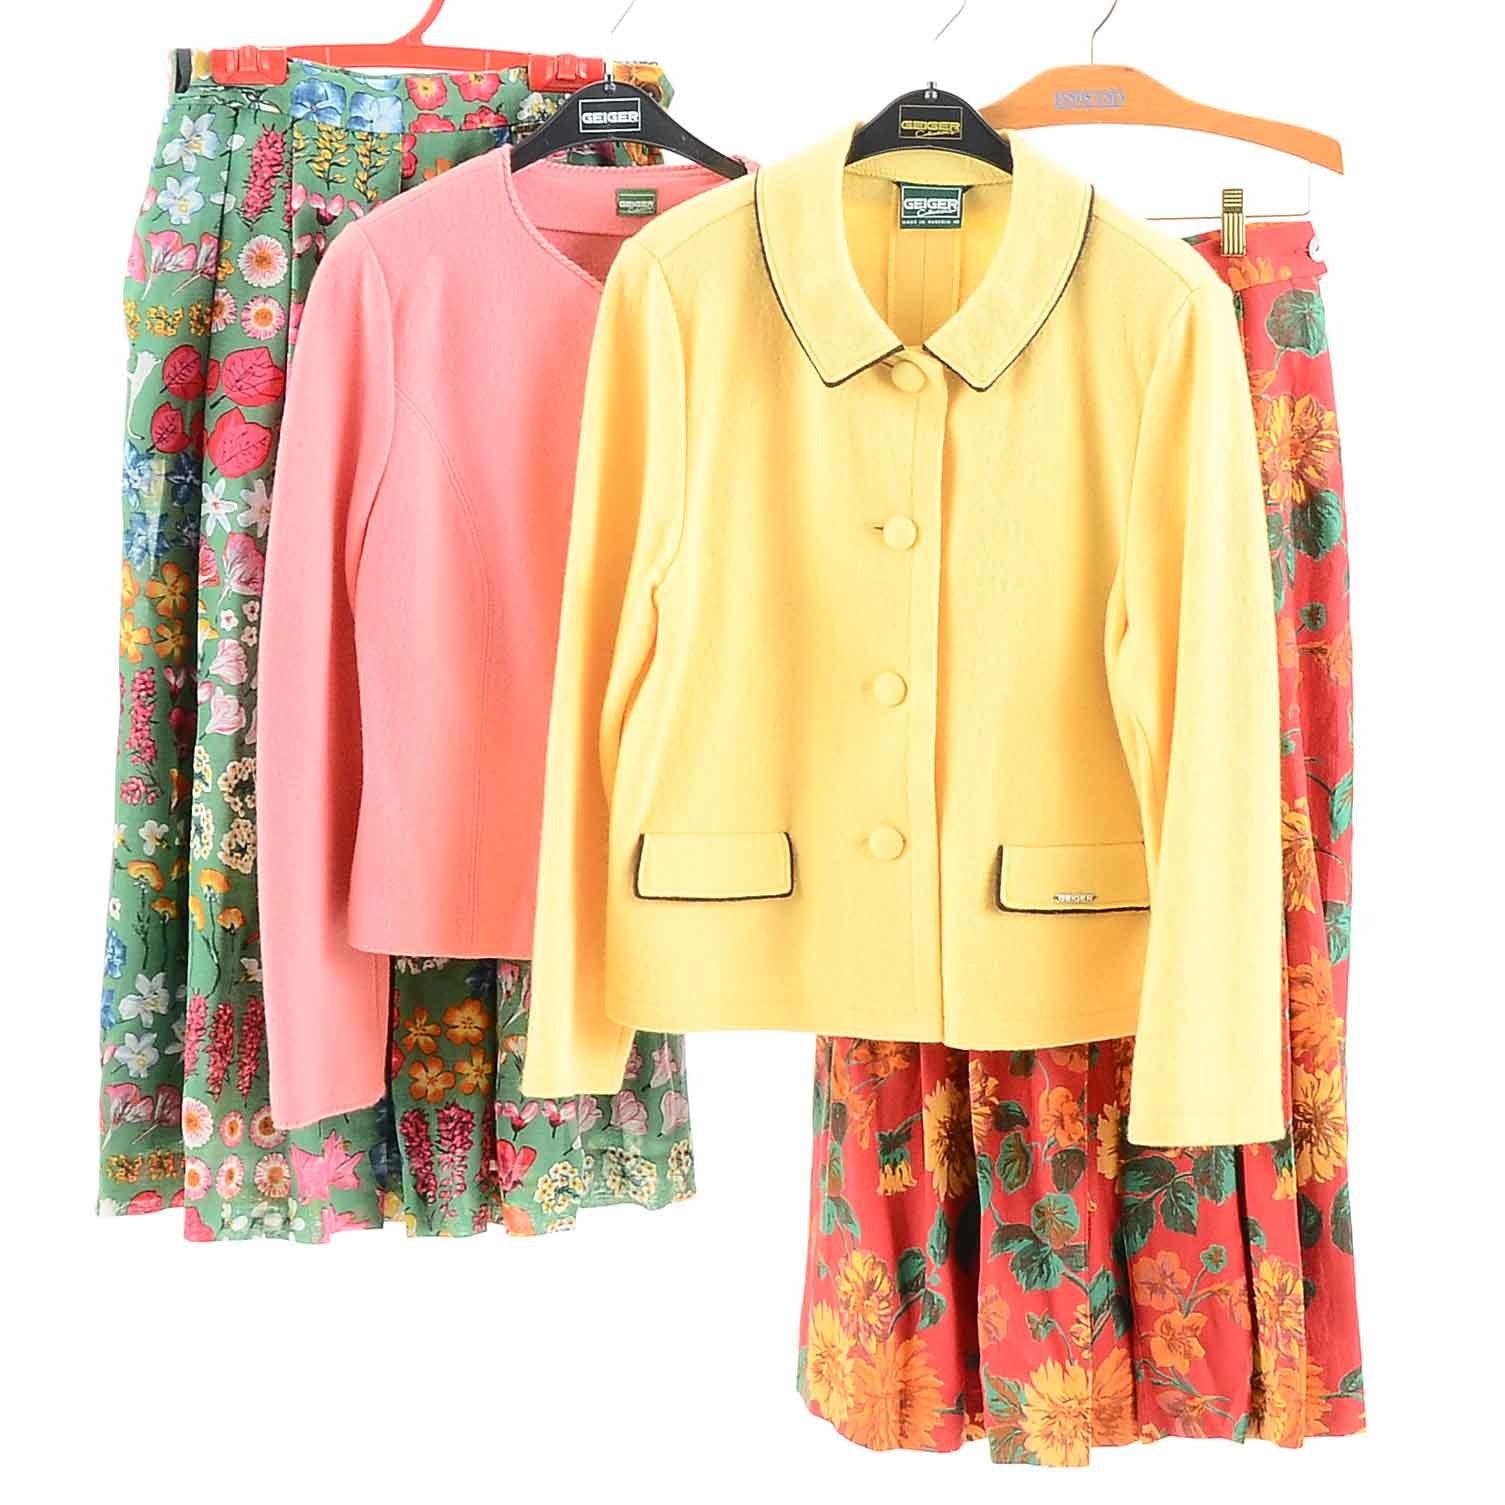 Geiger Skirt Suit Sets